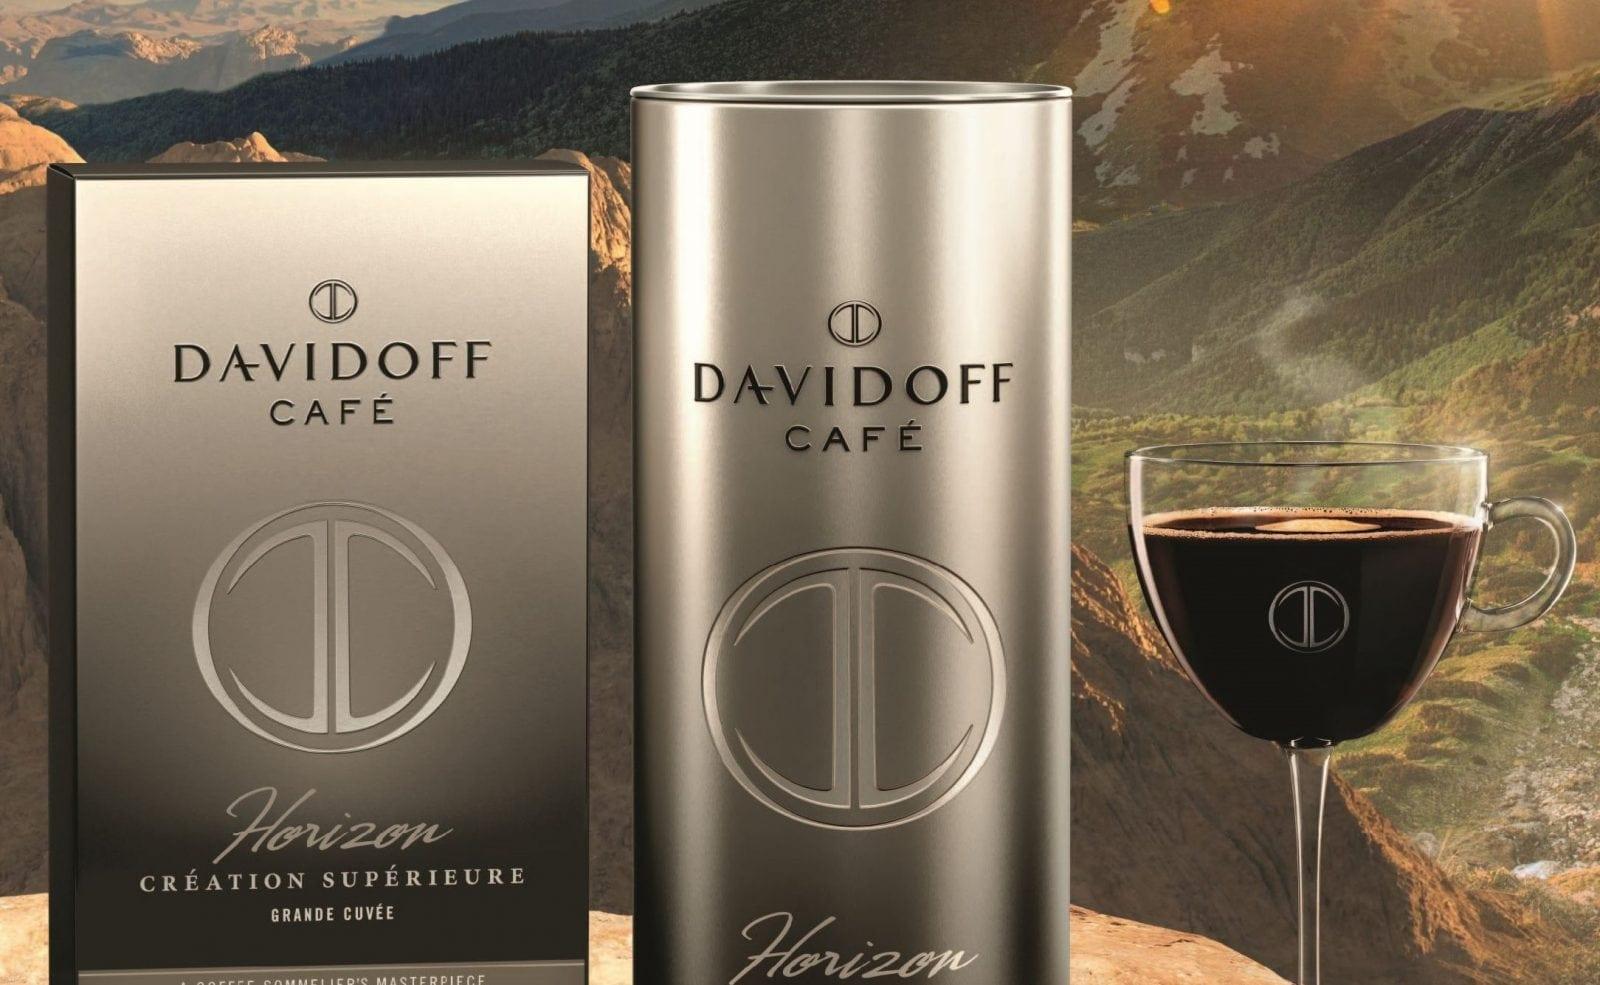 Davidoff Horizon e1476080901695 - Davidoff Café Création Supérieure Horizon